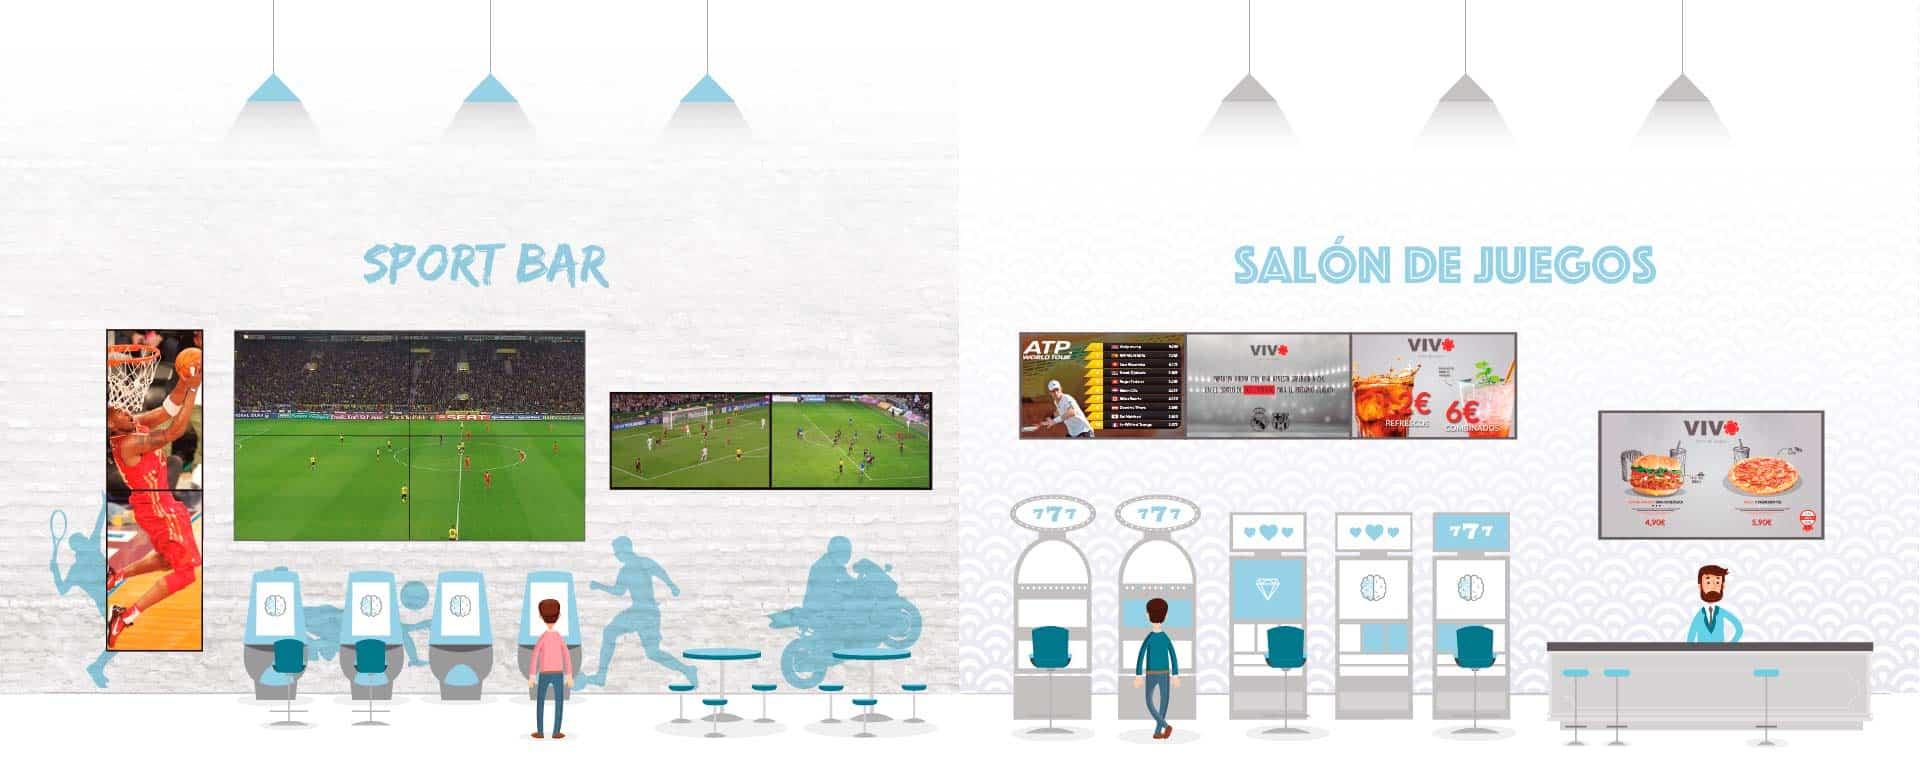 Sport bar y Salón de juegos